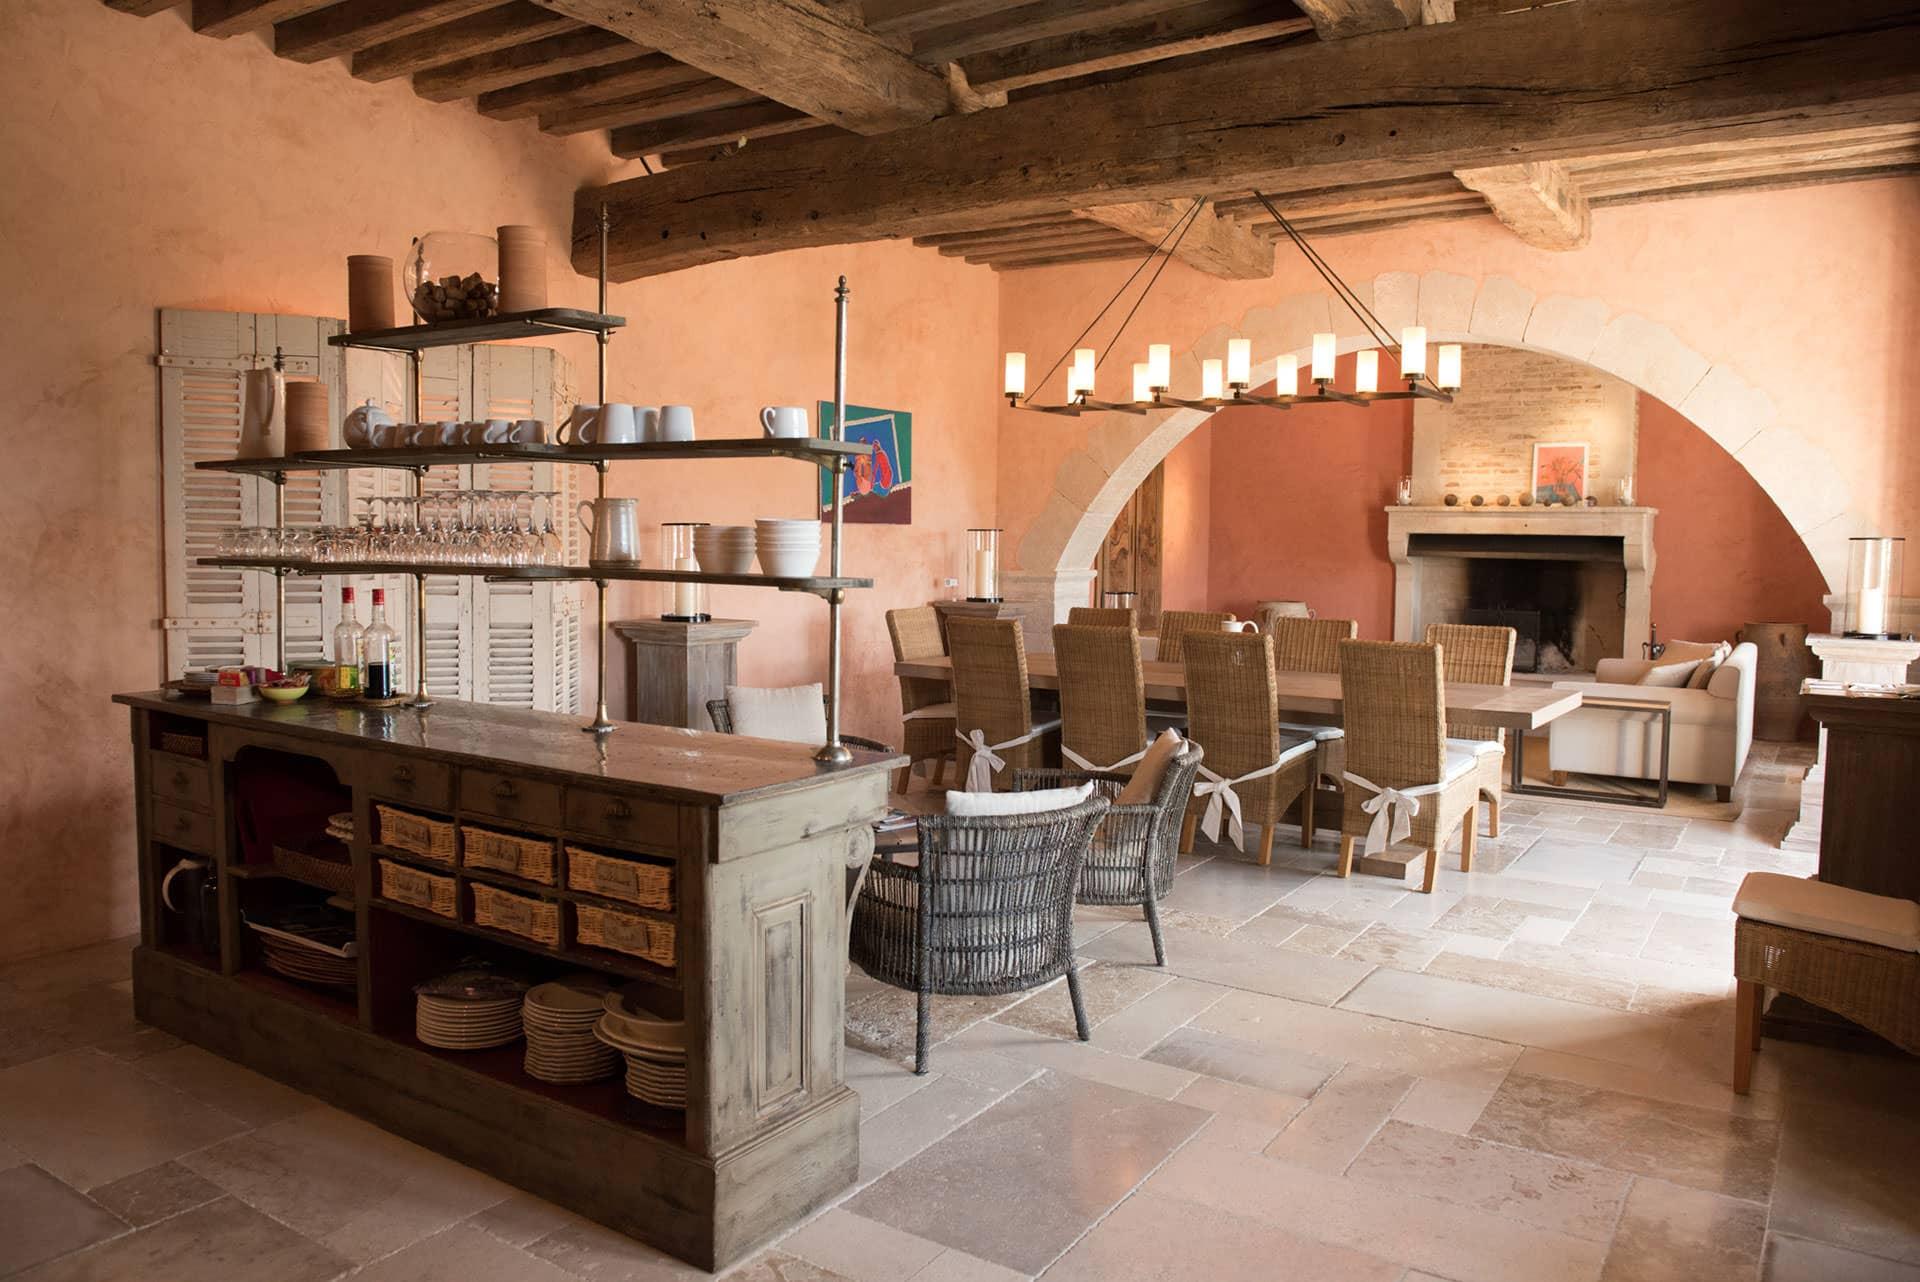 cuisine maison hotes provencale